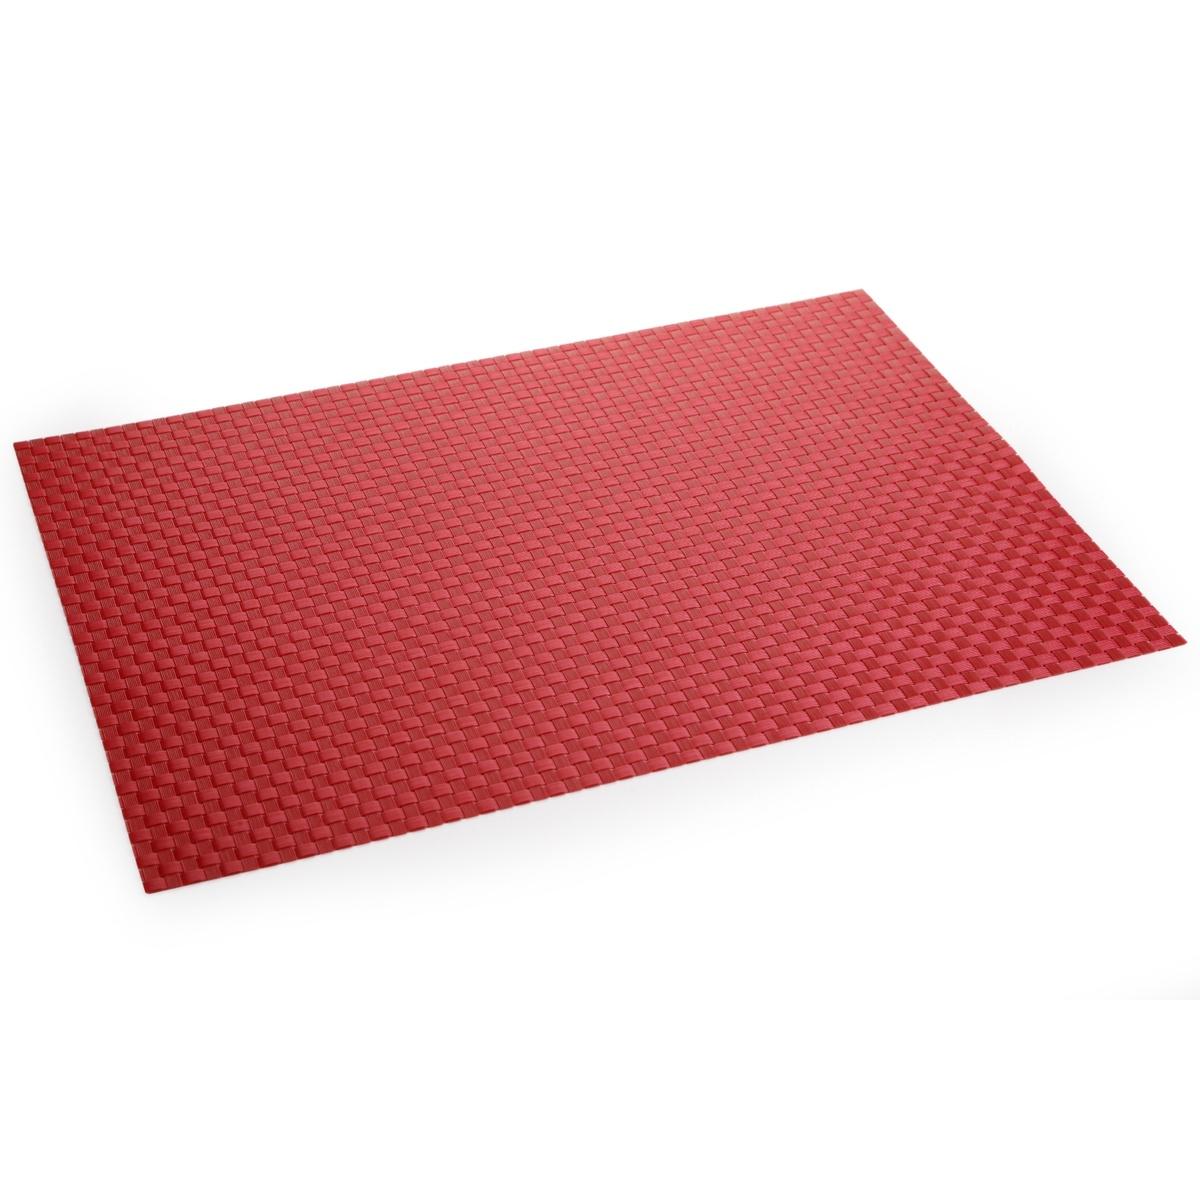 Tescoma prestieranie Flair shine červená, 45 x 32 cm